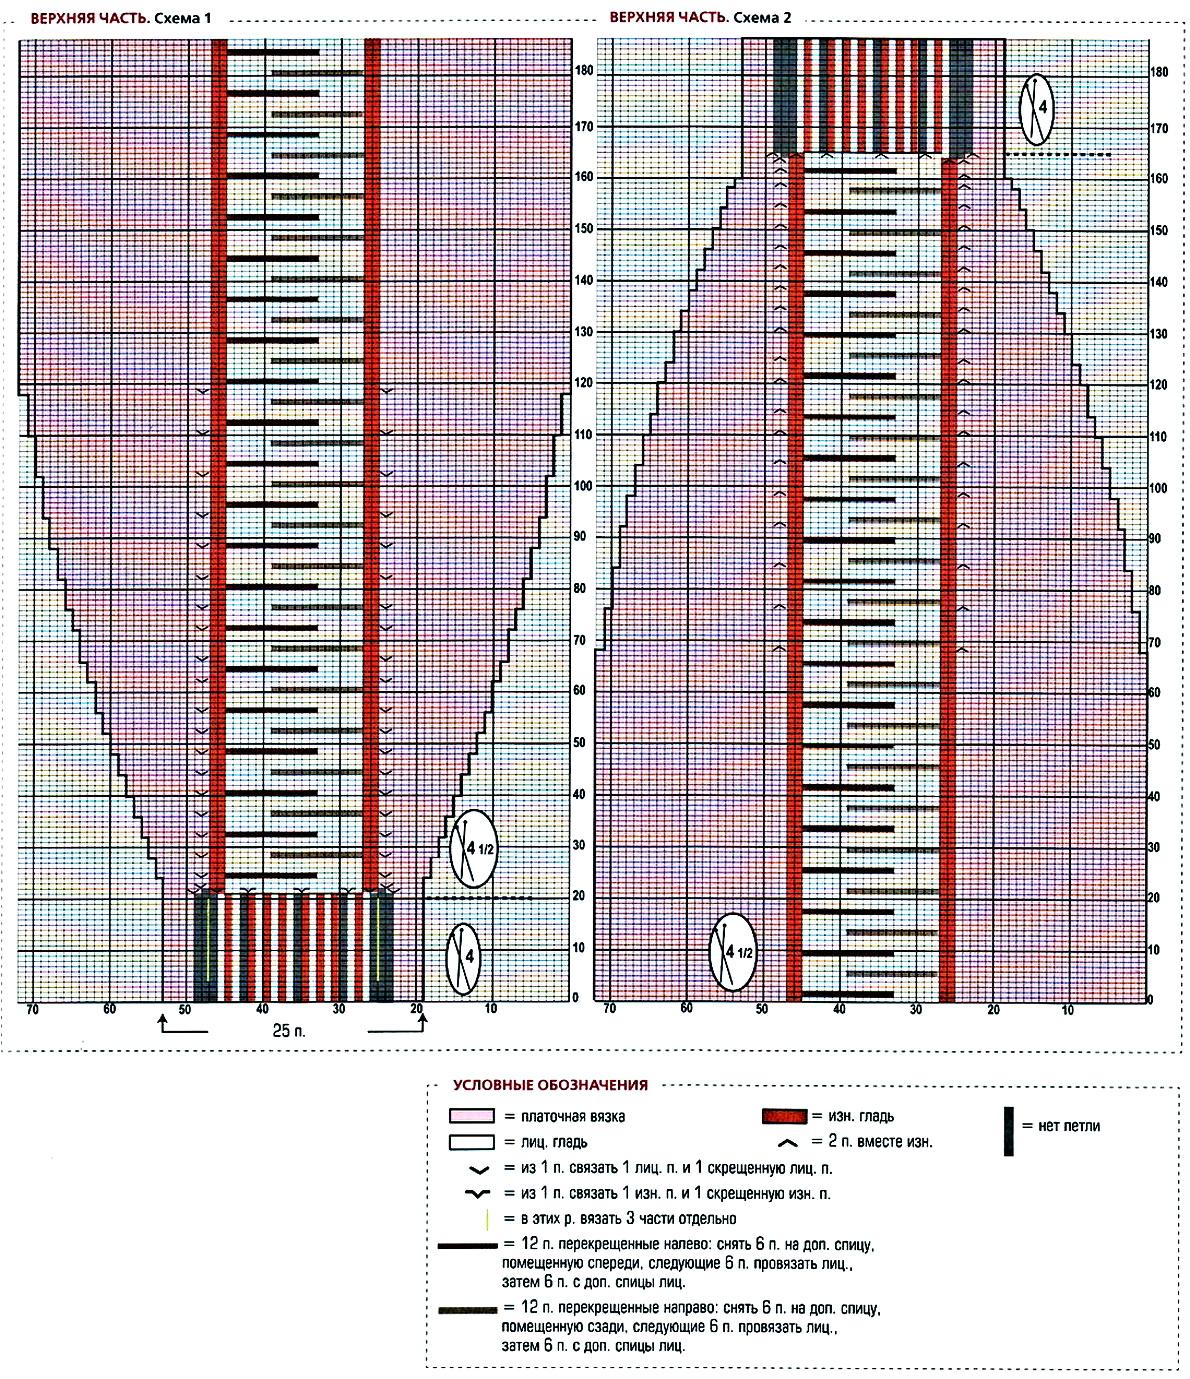 шарфы вивьен схема спицами описание